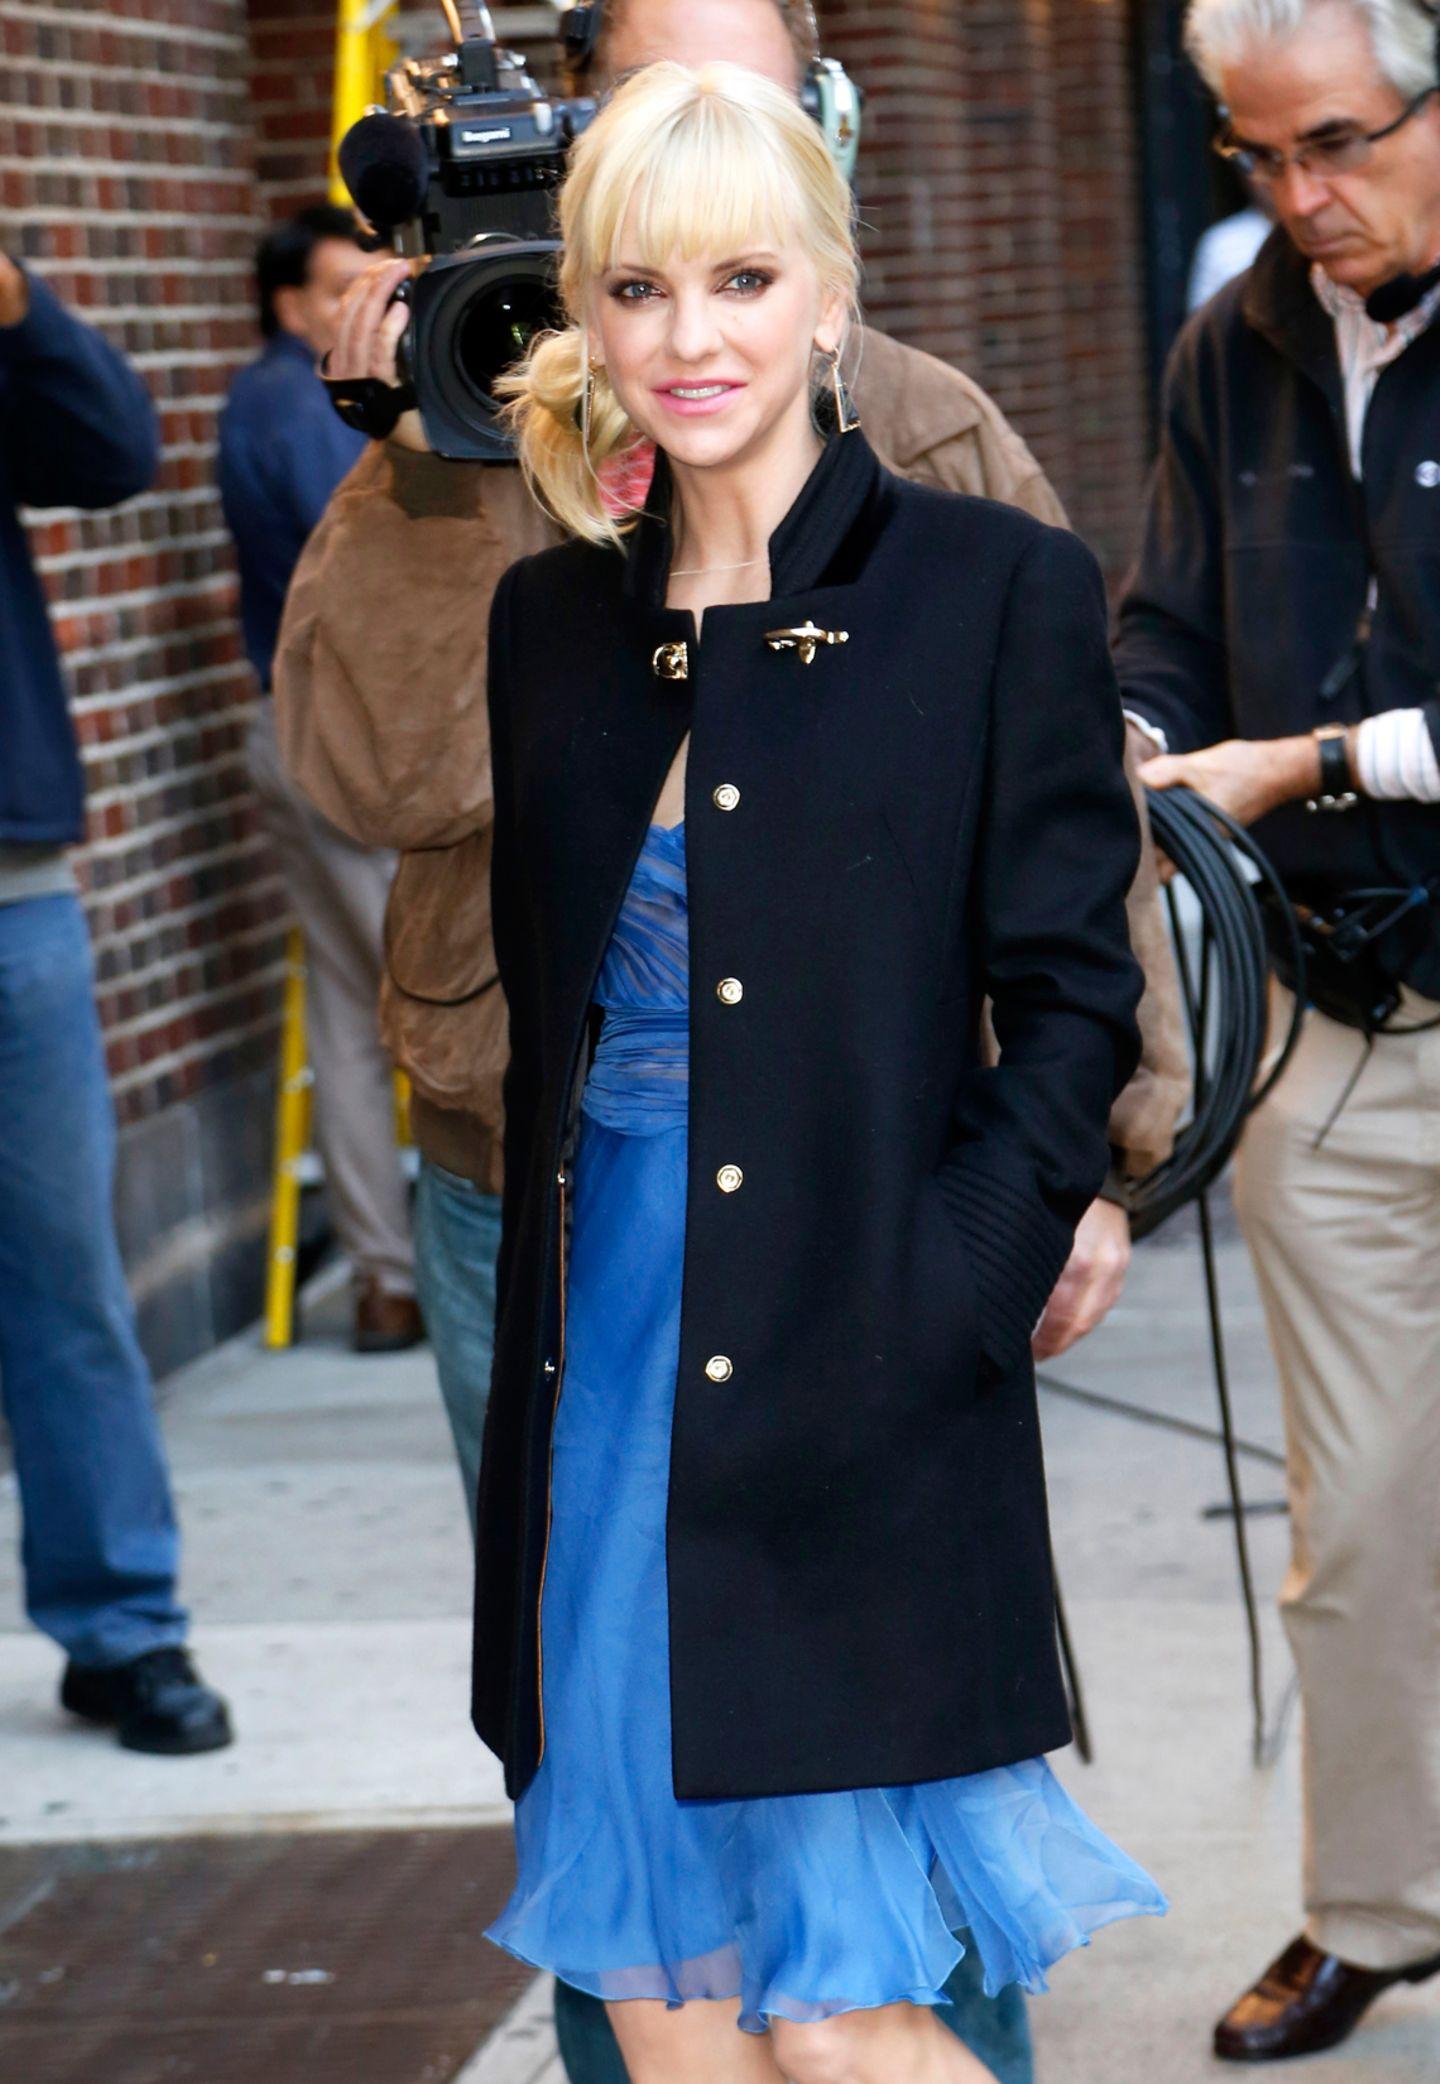 """Edel geschnitten und mit Verschlüssen im Messing-Look: Mit diesem Mantel zeigt sich Anna Faris auf ihrem Weg zur """"David Letterman""""-Show."""